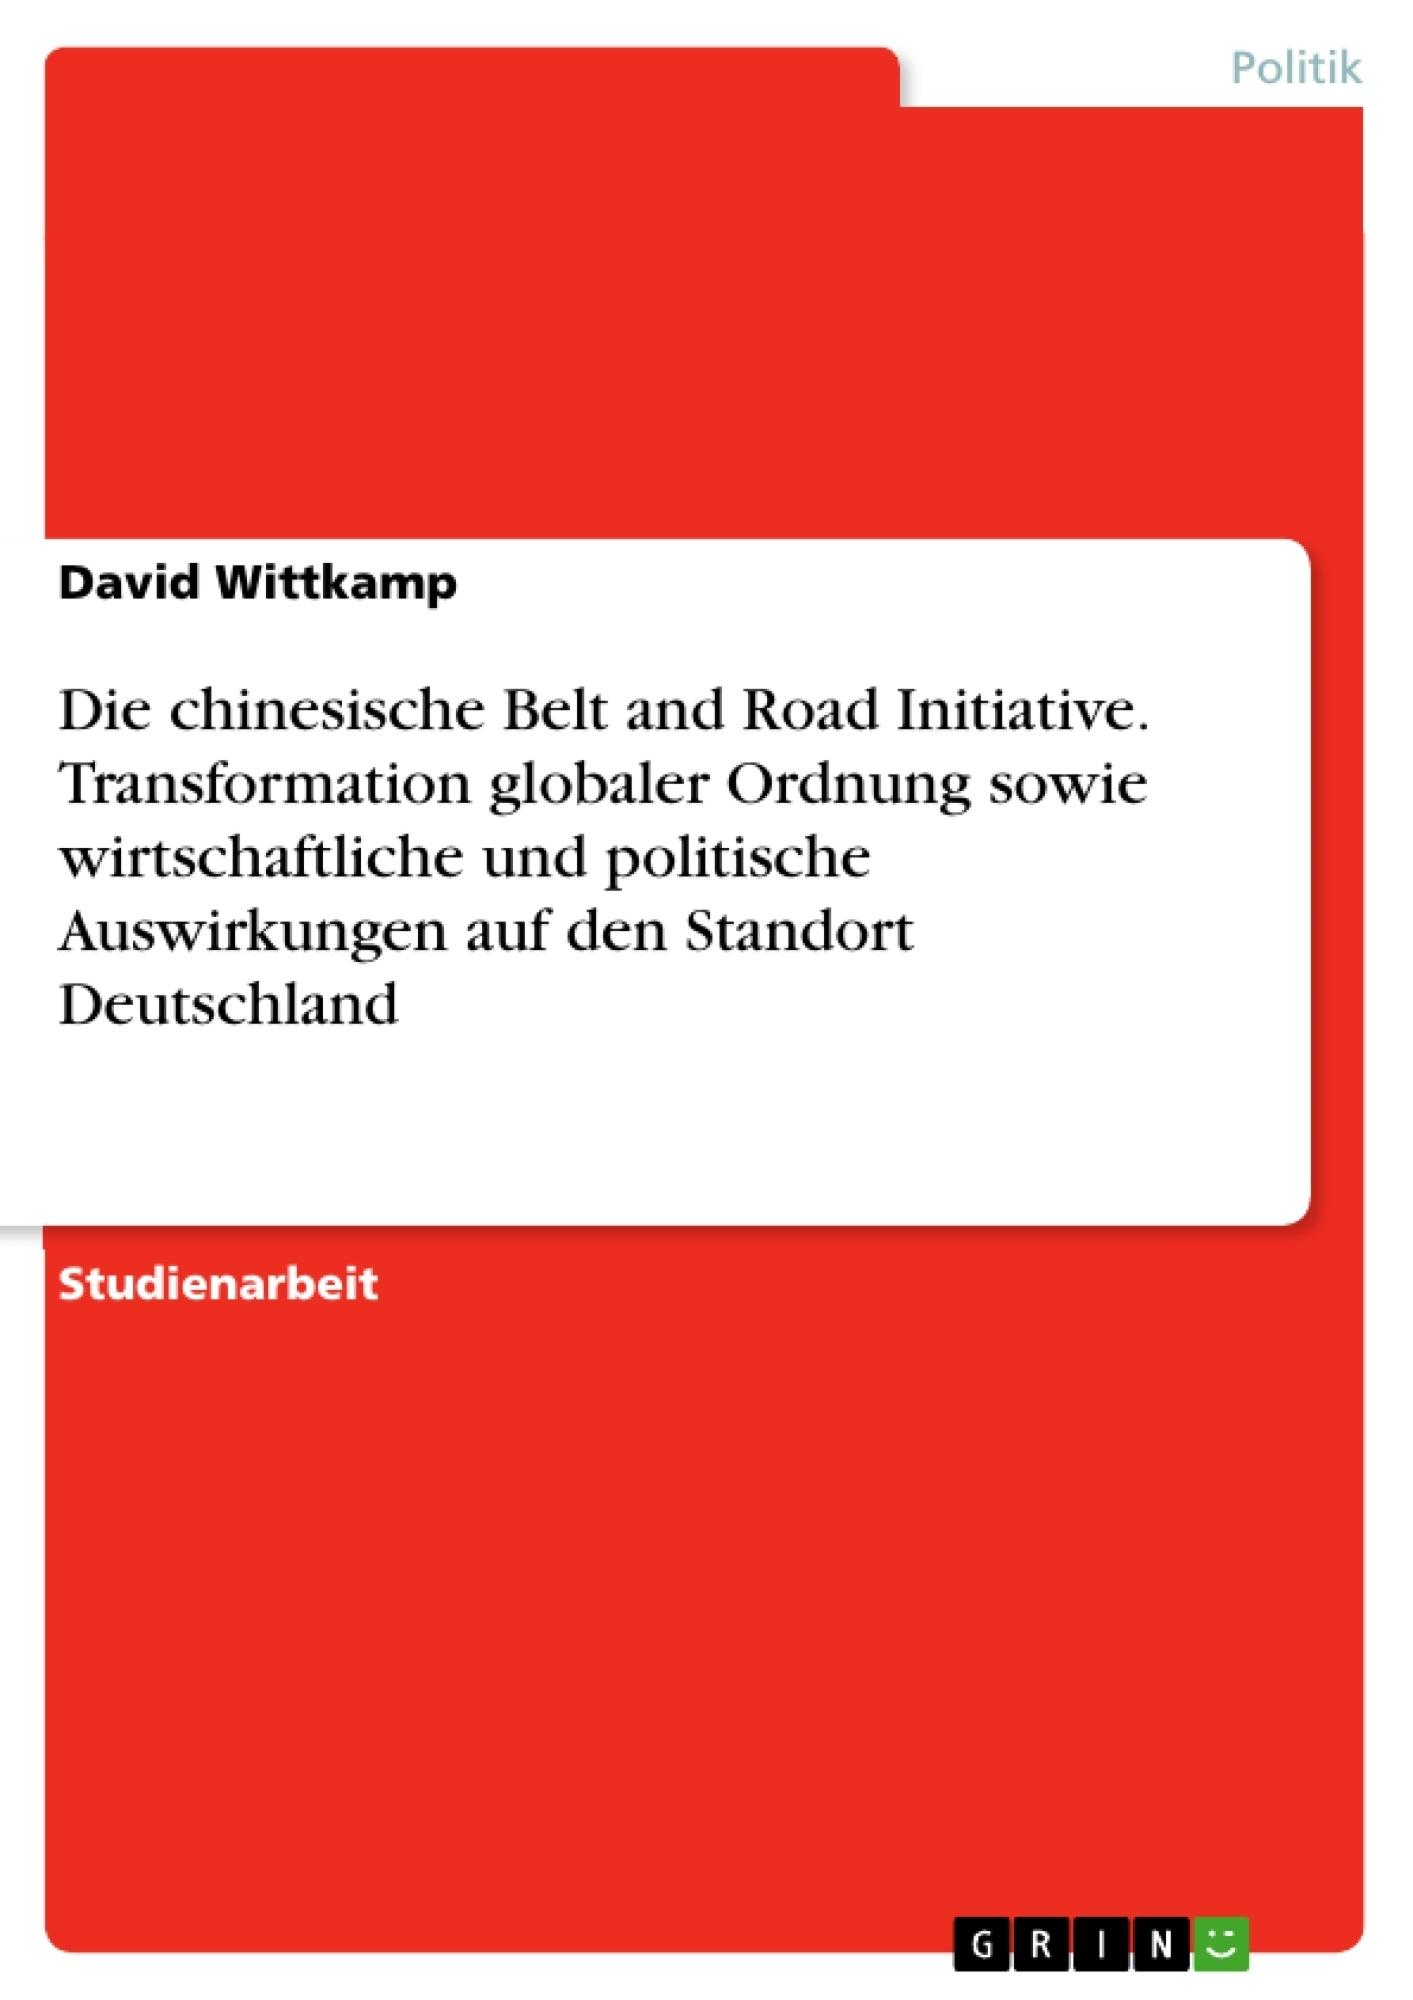 Titel: Die chinesische Belt and Road Initiative. Transformation globaler Ordnung sowie wirtschaftliche und politische Auswirkungen auf den Standort Deutschland